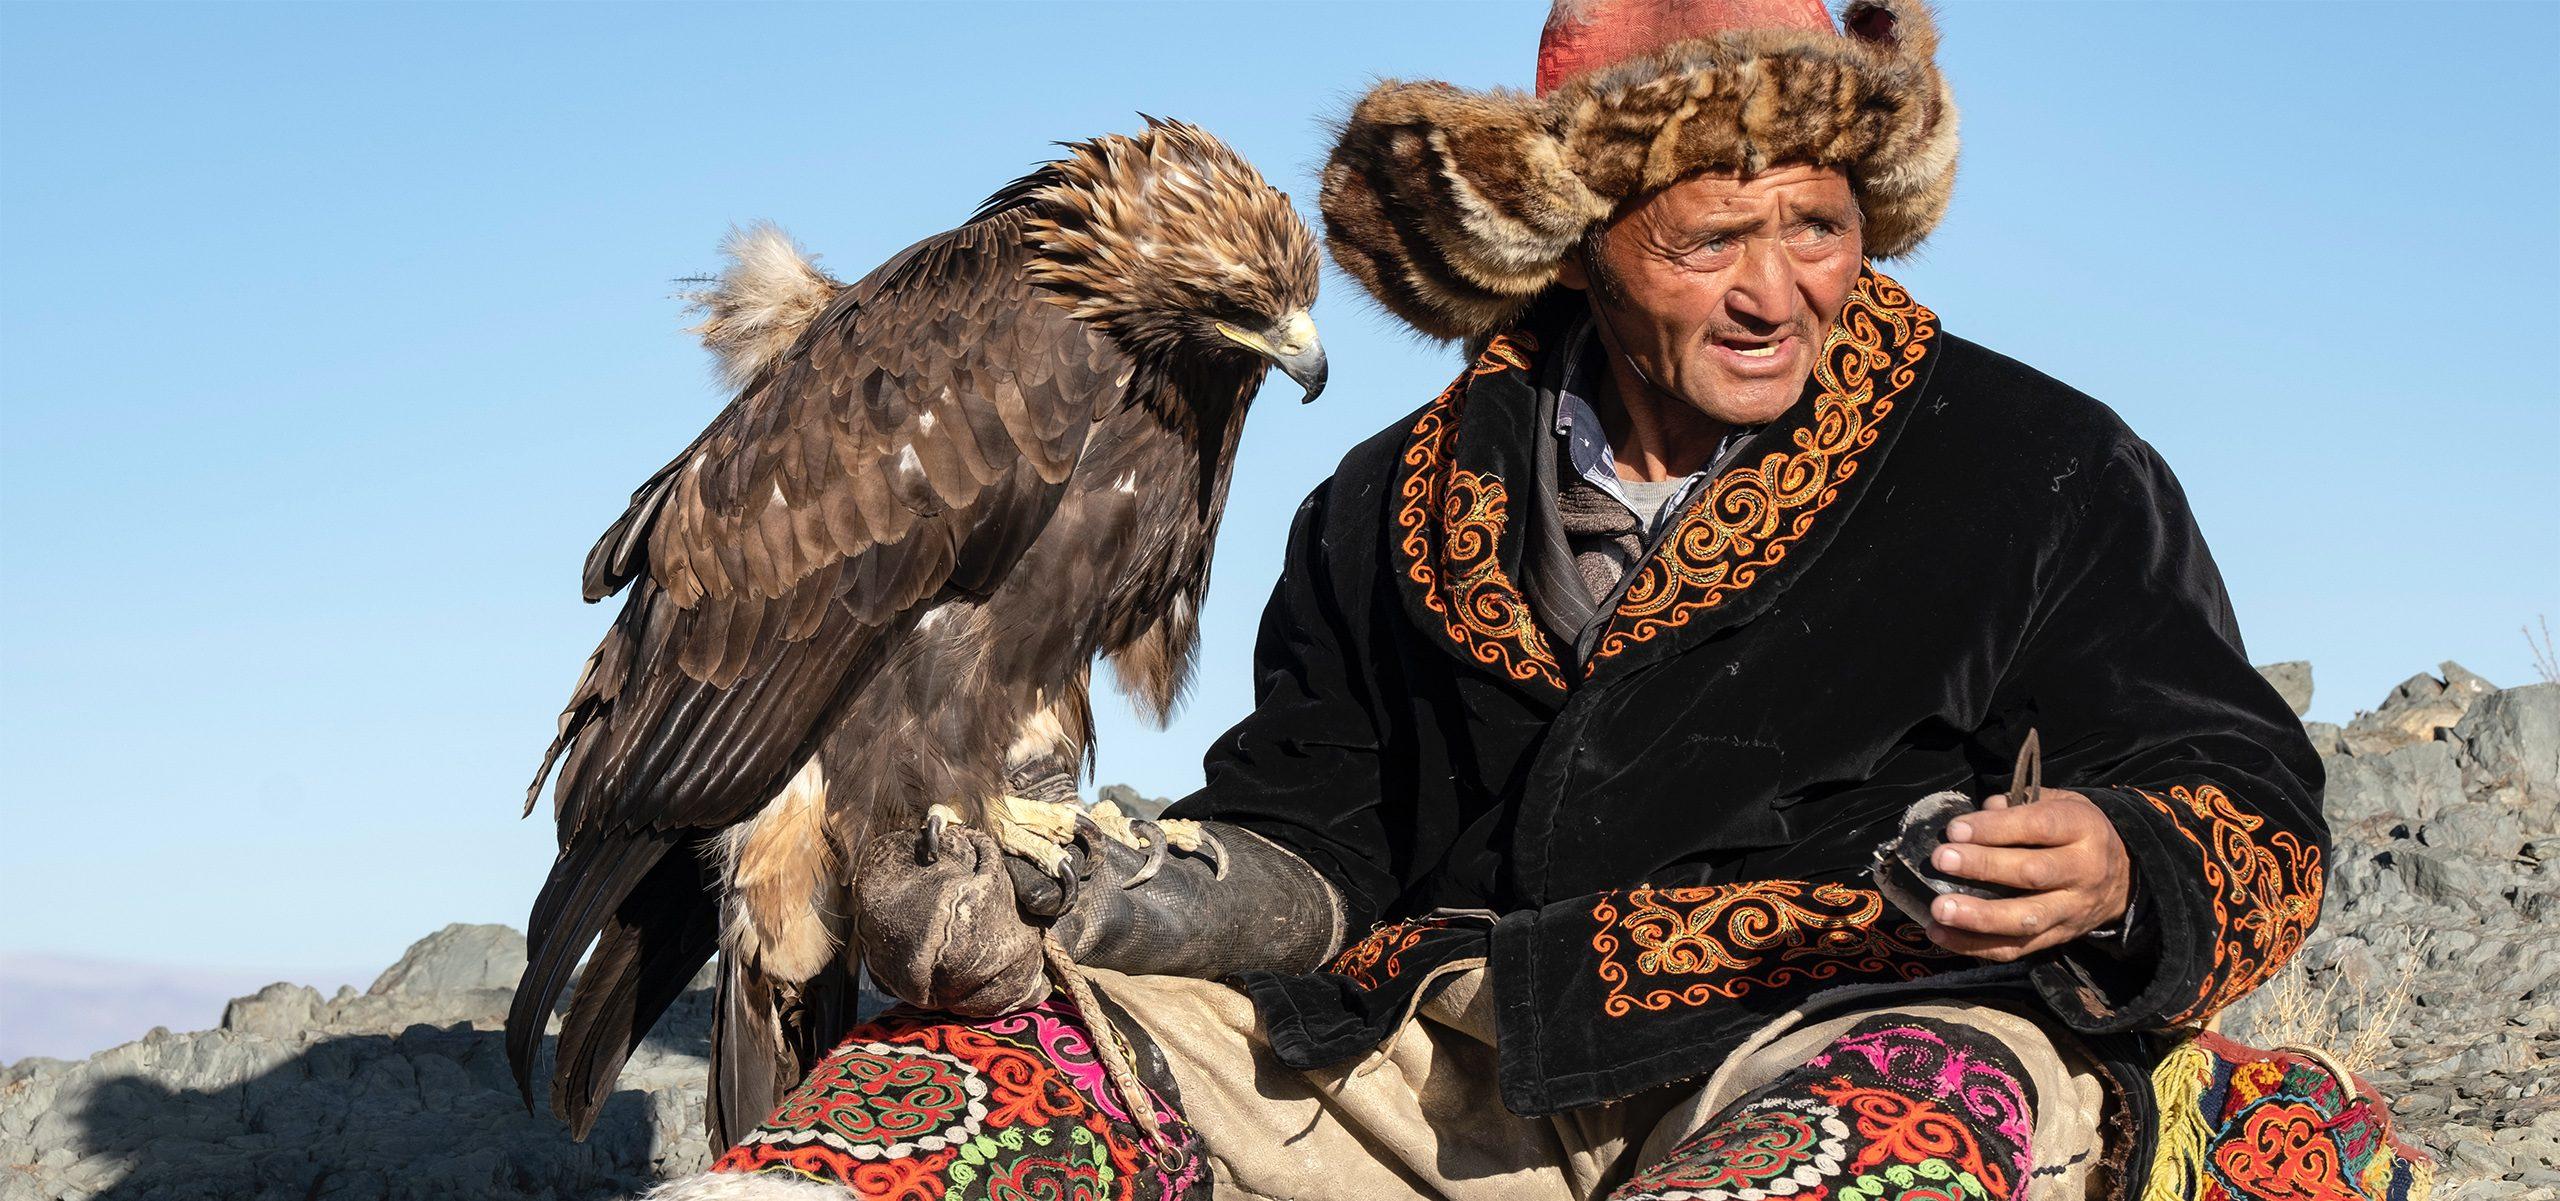 Mongolia - Eagle Hunter